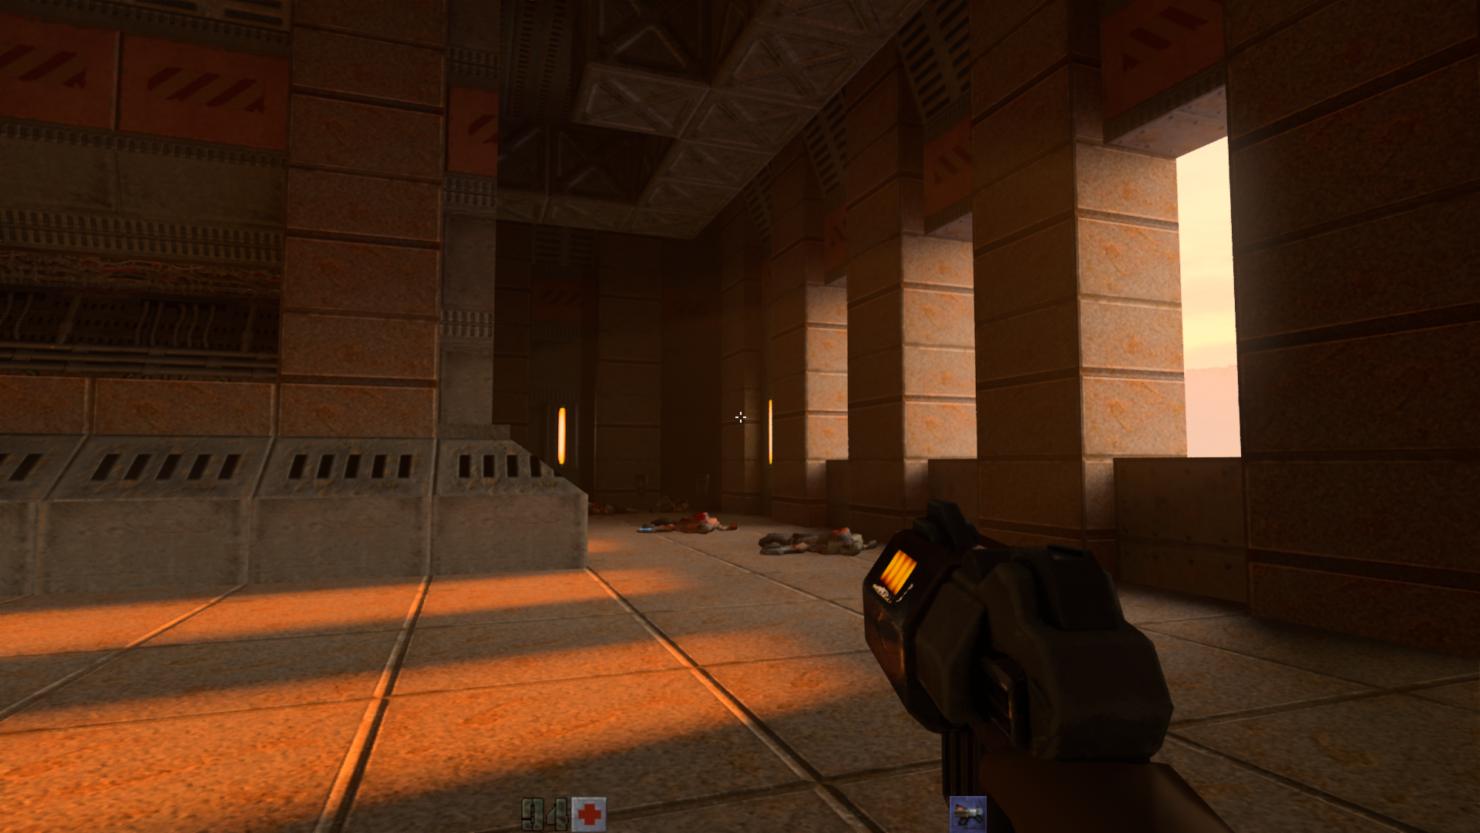 quake-2-rtx-remaster-screenshot-2019-06-06-19-49-58-52